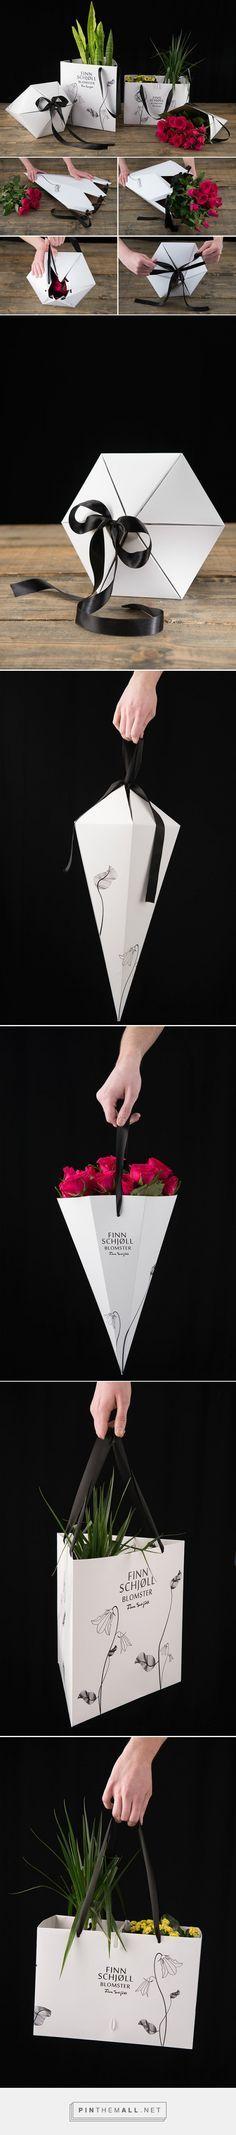 곧 어버이날인데 꽃을 포장하는 방법이 나와있어서 좋다.